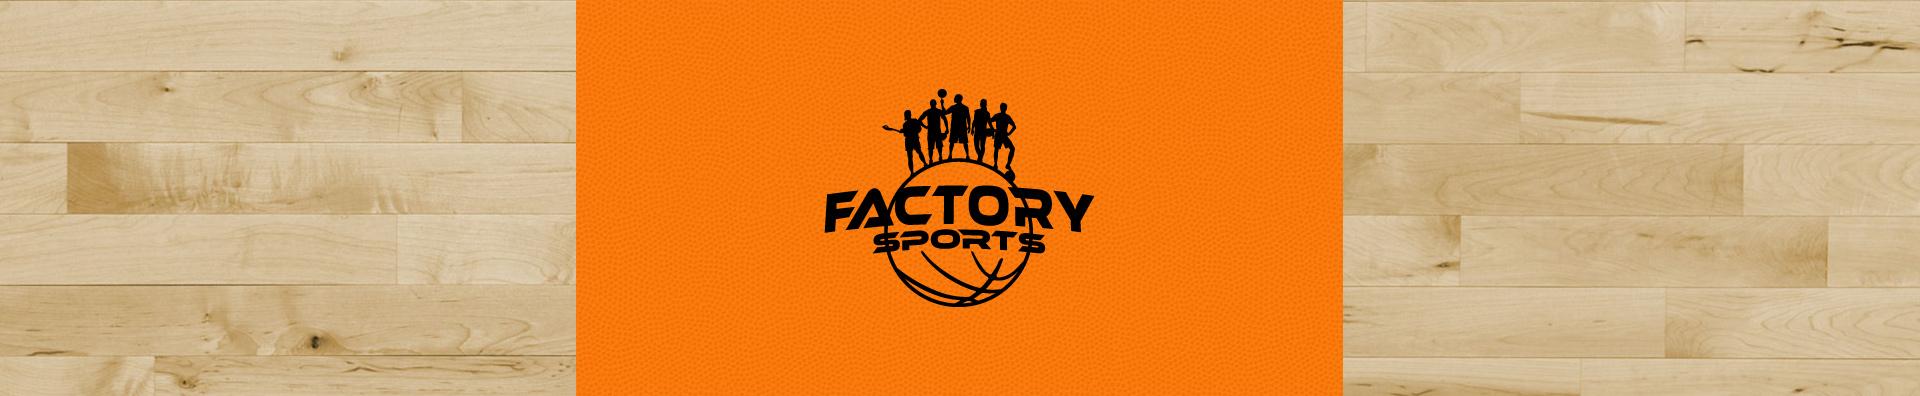 Factory Hoops